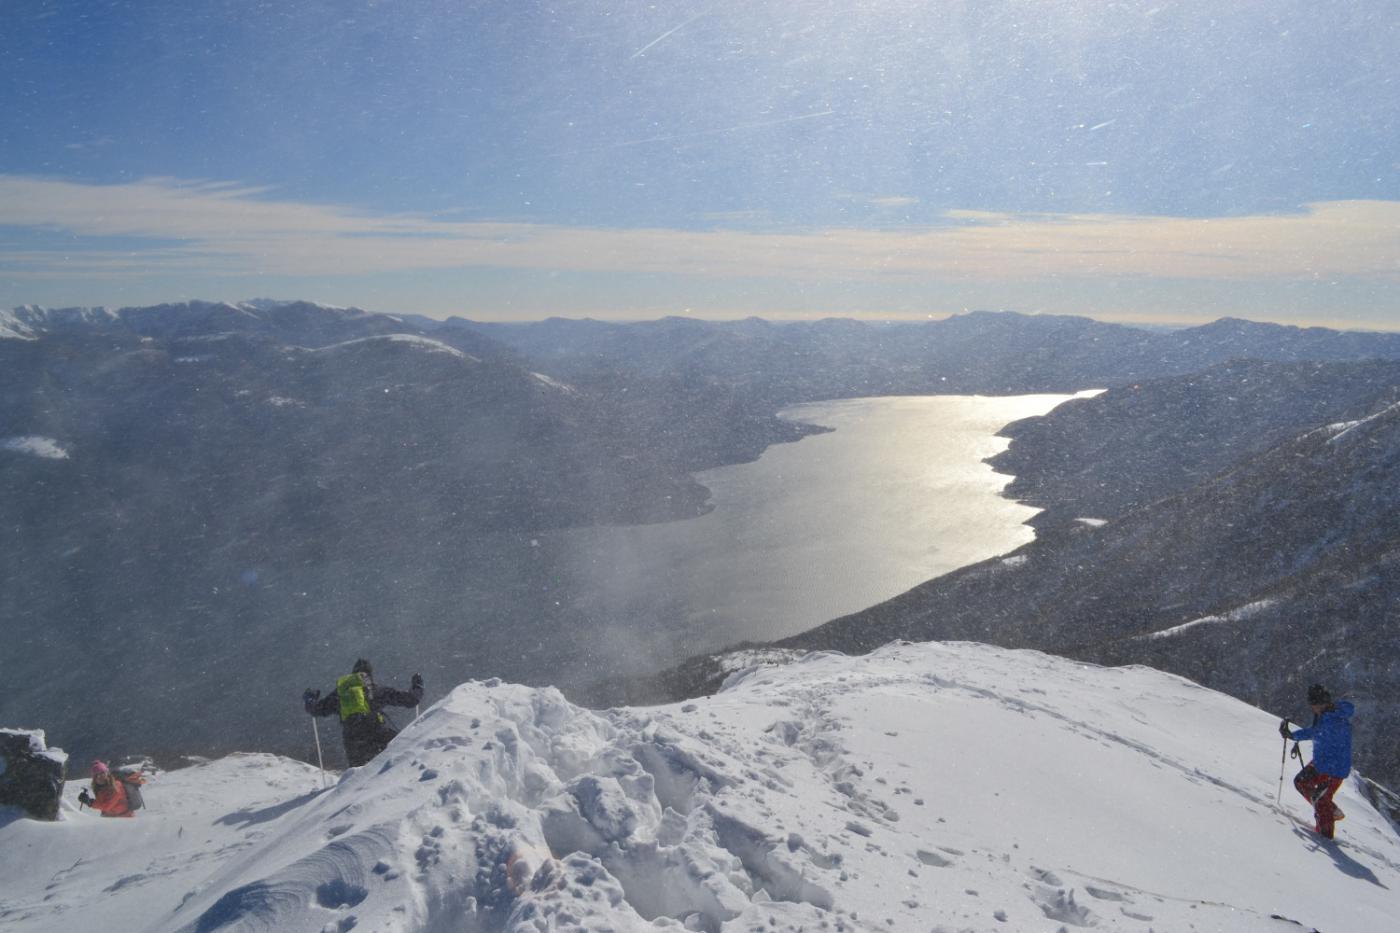 bufera in cima e vista sul lago